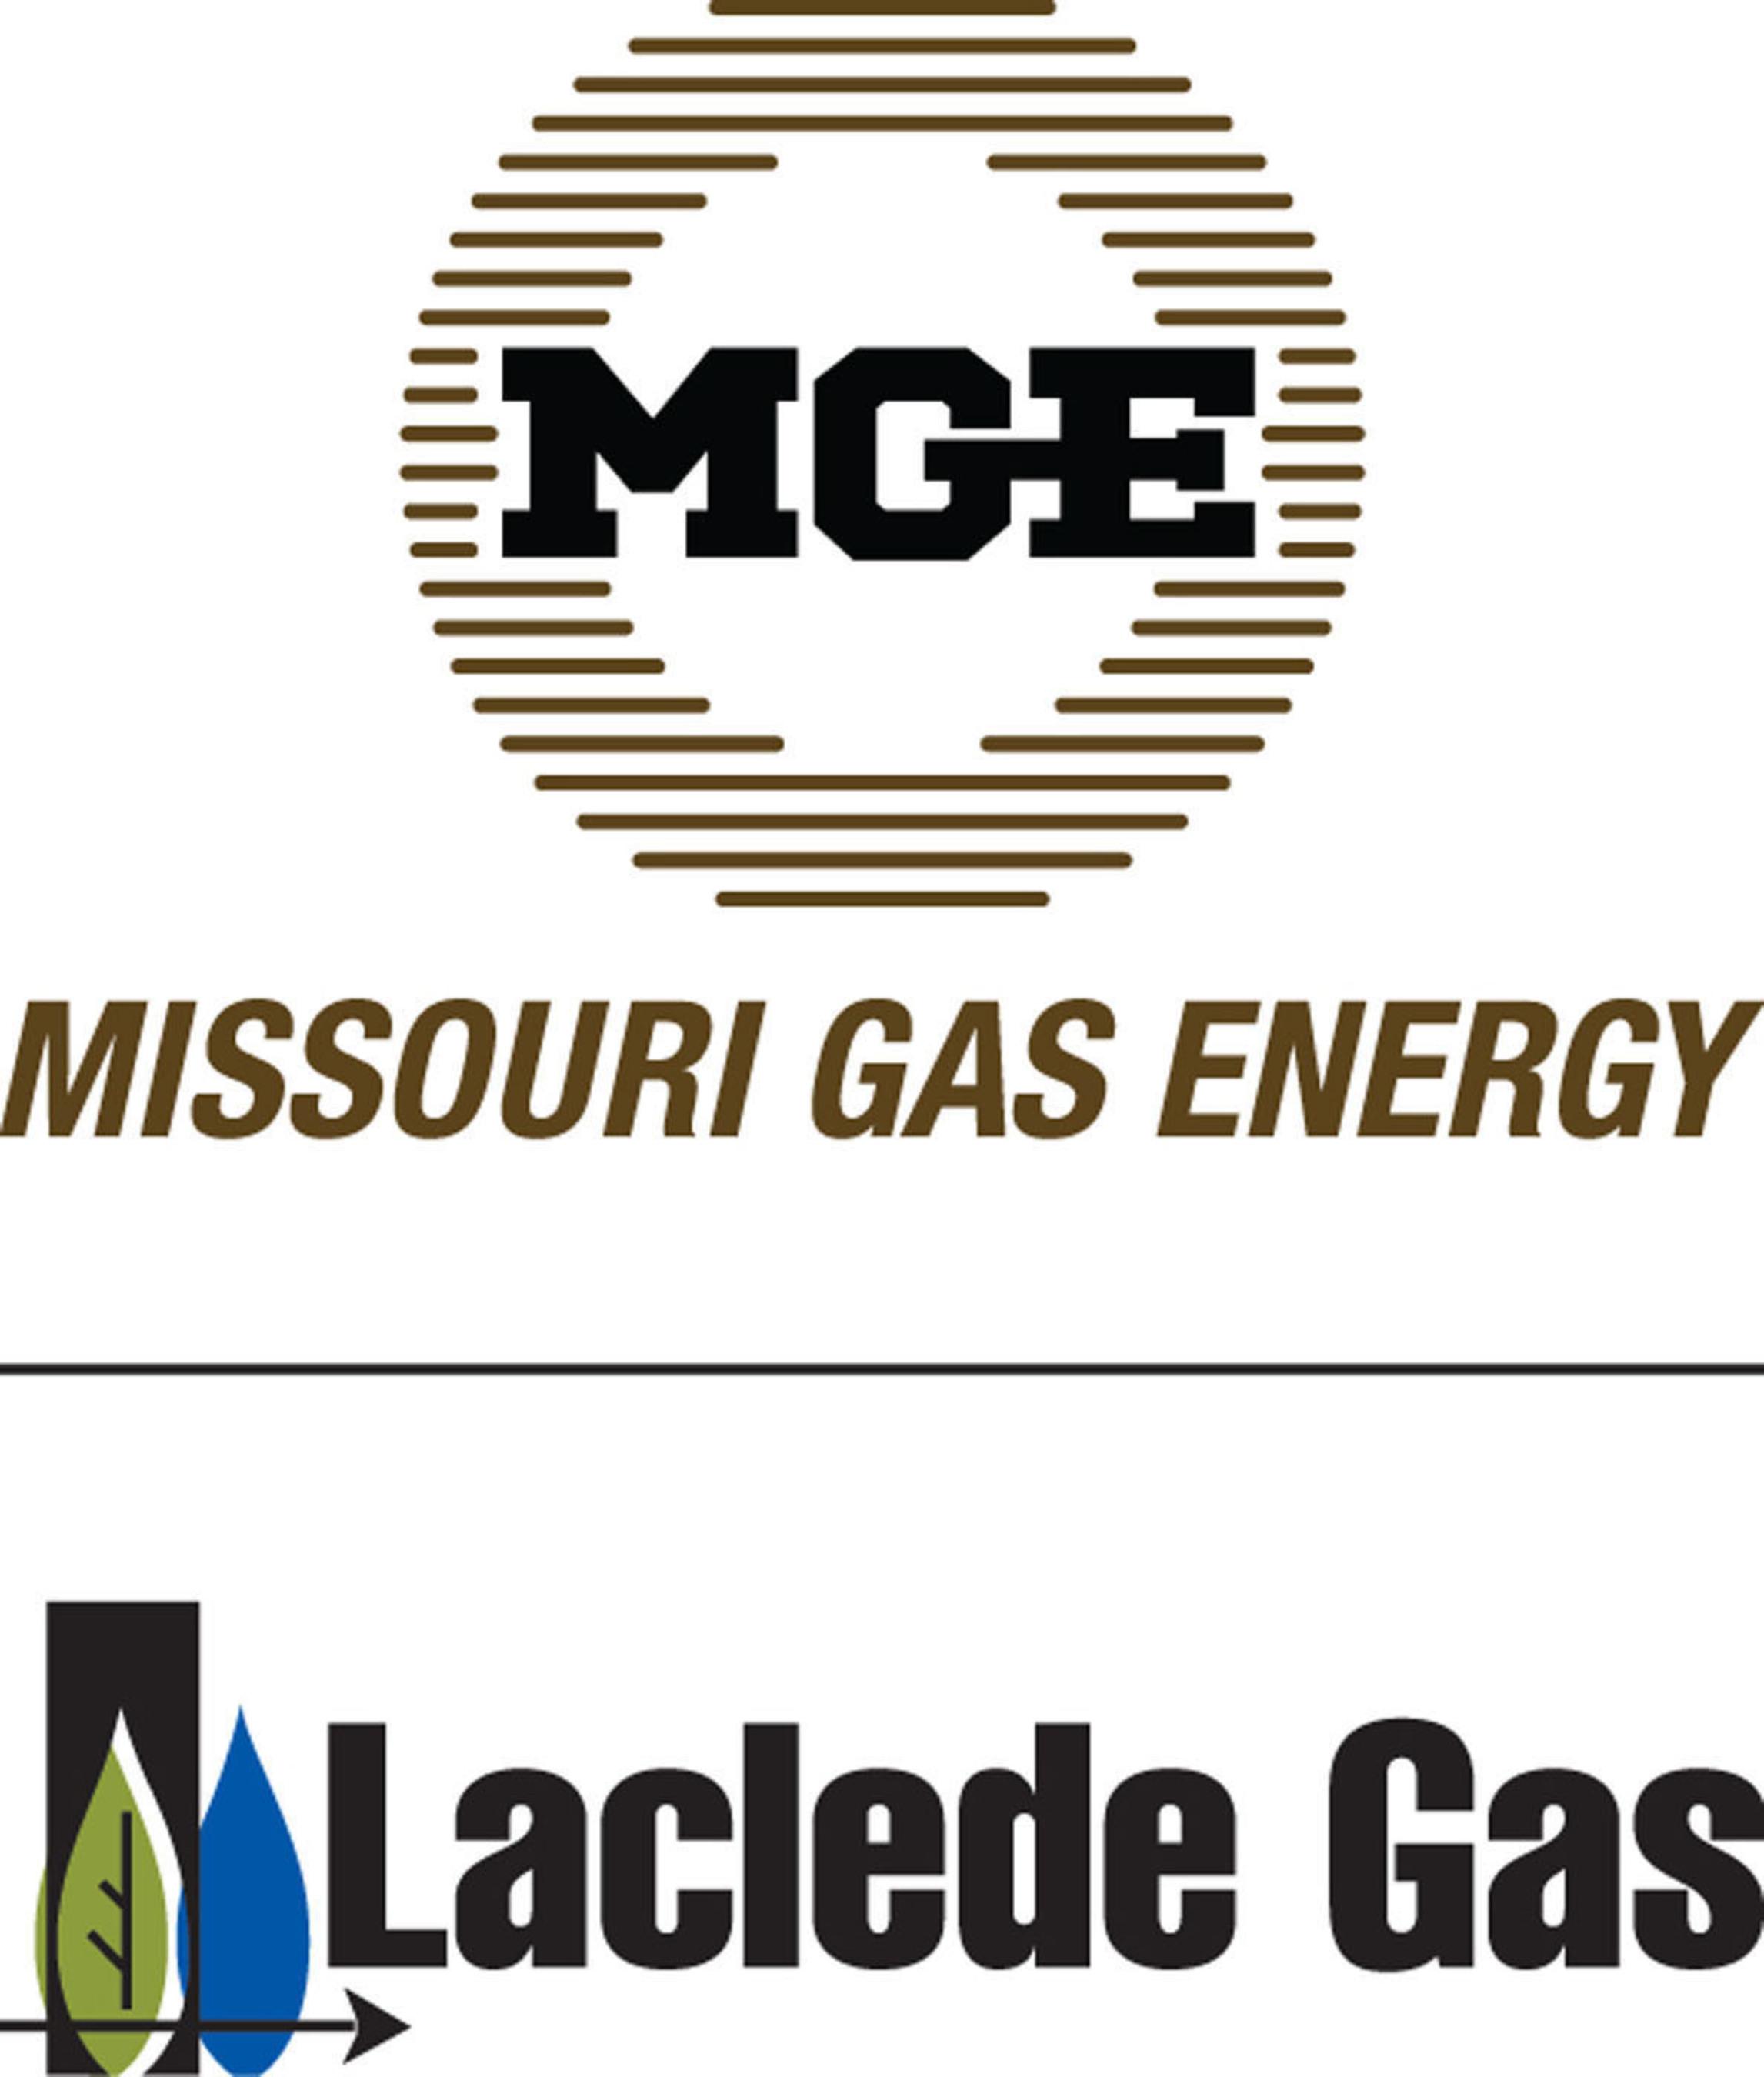 Missouri Gas Energy. (PRNewsFoto/Laclede Gas Company) (PRNewsFoto/LACLEDE GAS COMPANY)